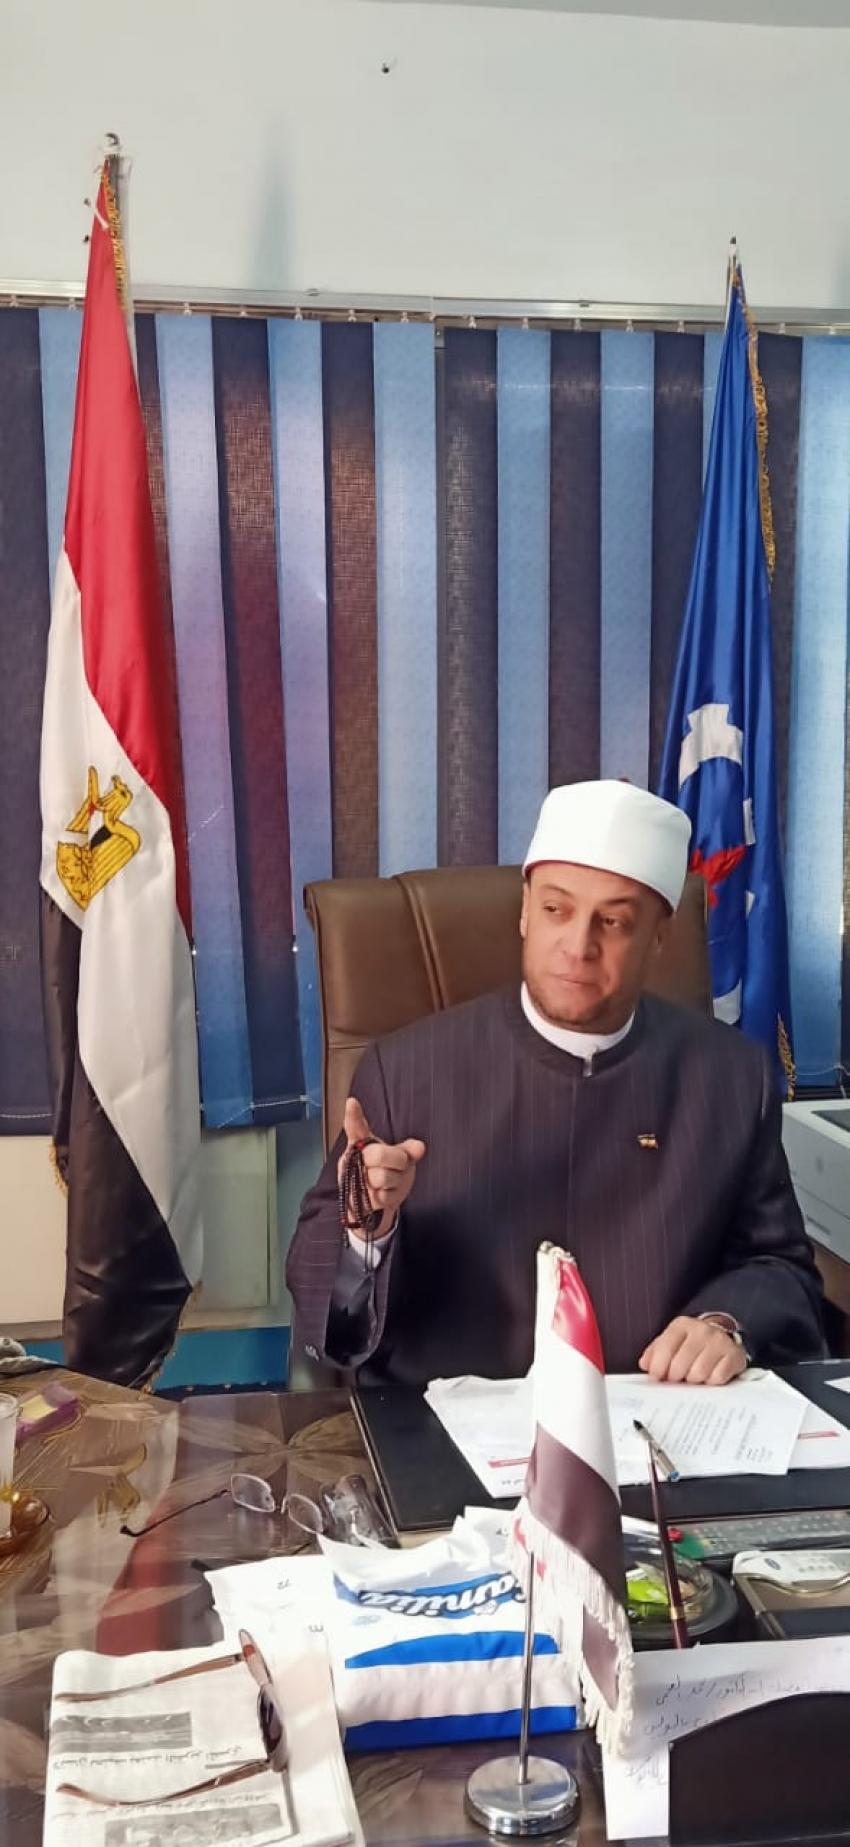 وكيل اوقاف السويس: غرفة عمليات بديوان المديرية لمتابعة سير العمل بالمساجد تجاه الظروف الراهنة